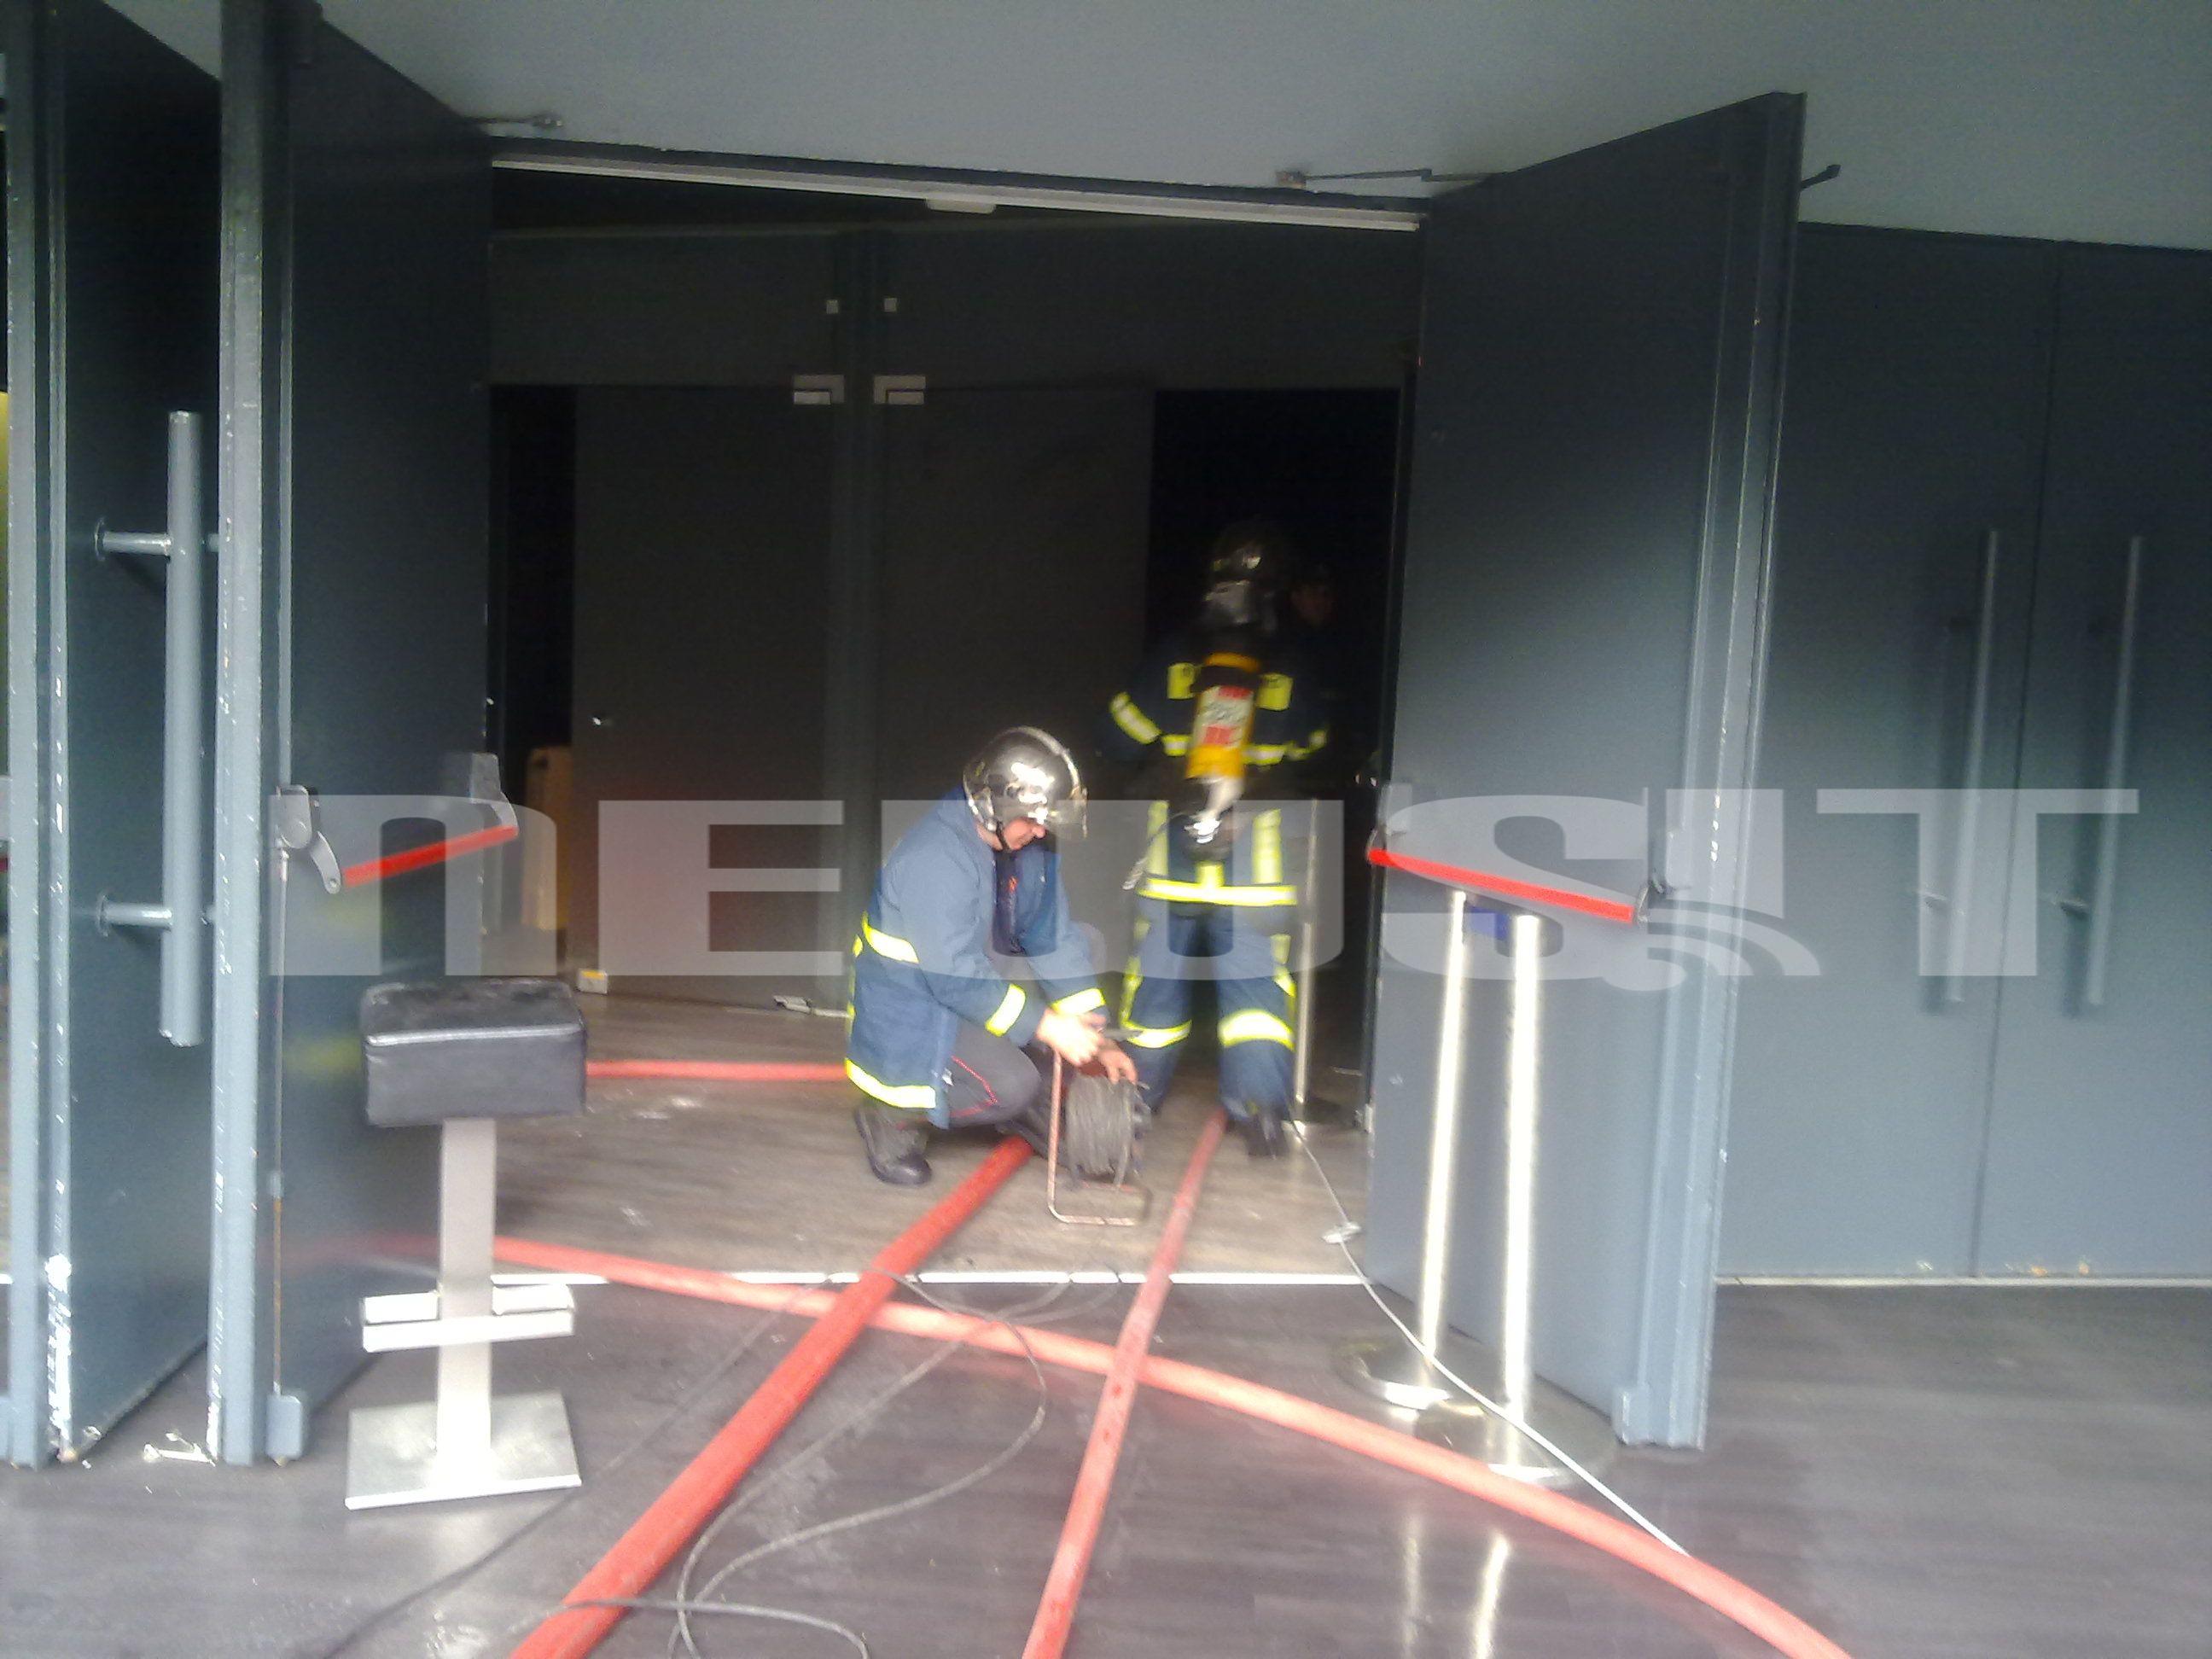 ΩΡΑ 07:45 Οι πυροσβέστες προσπαθούν να σβήσουν τη φωτιά